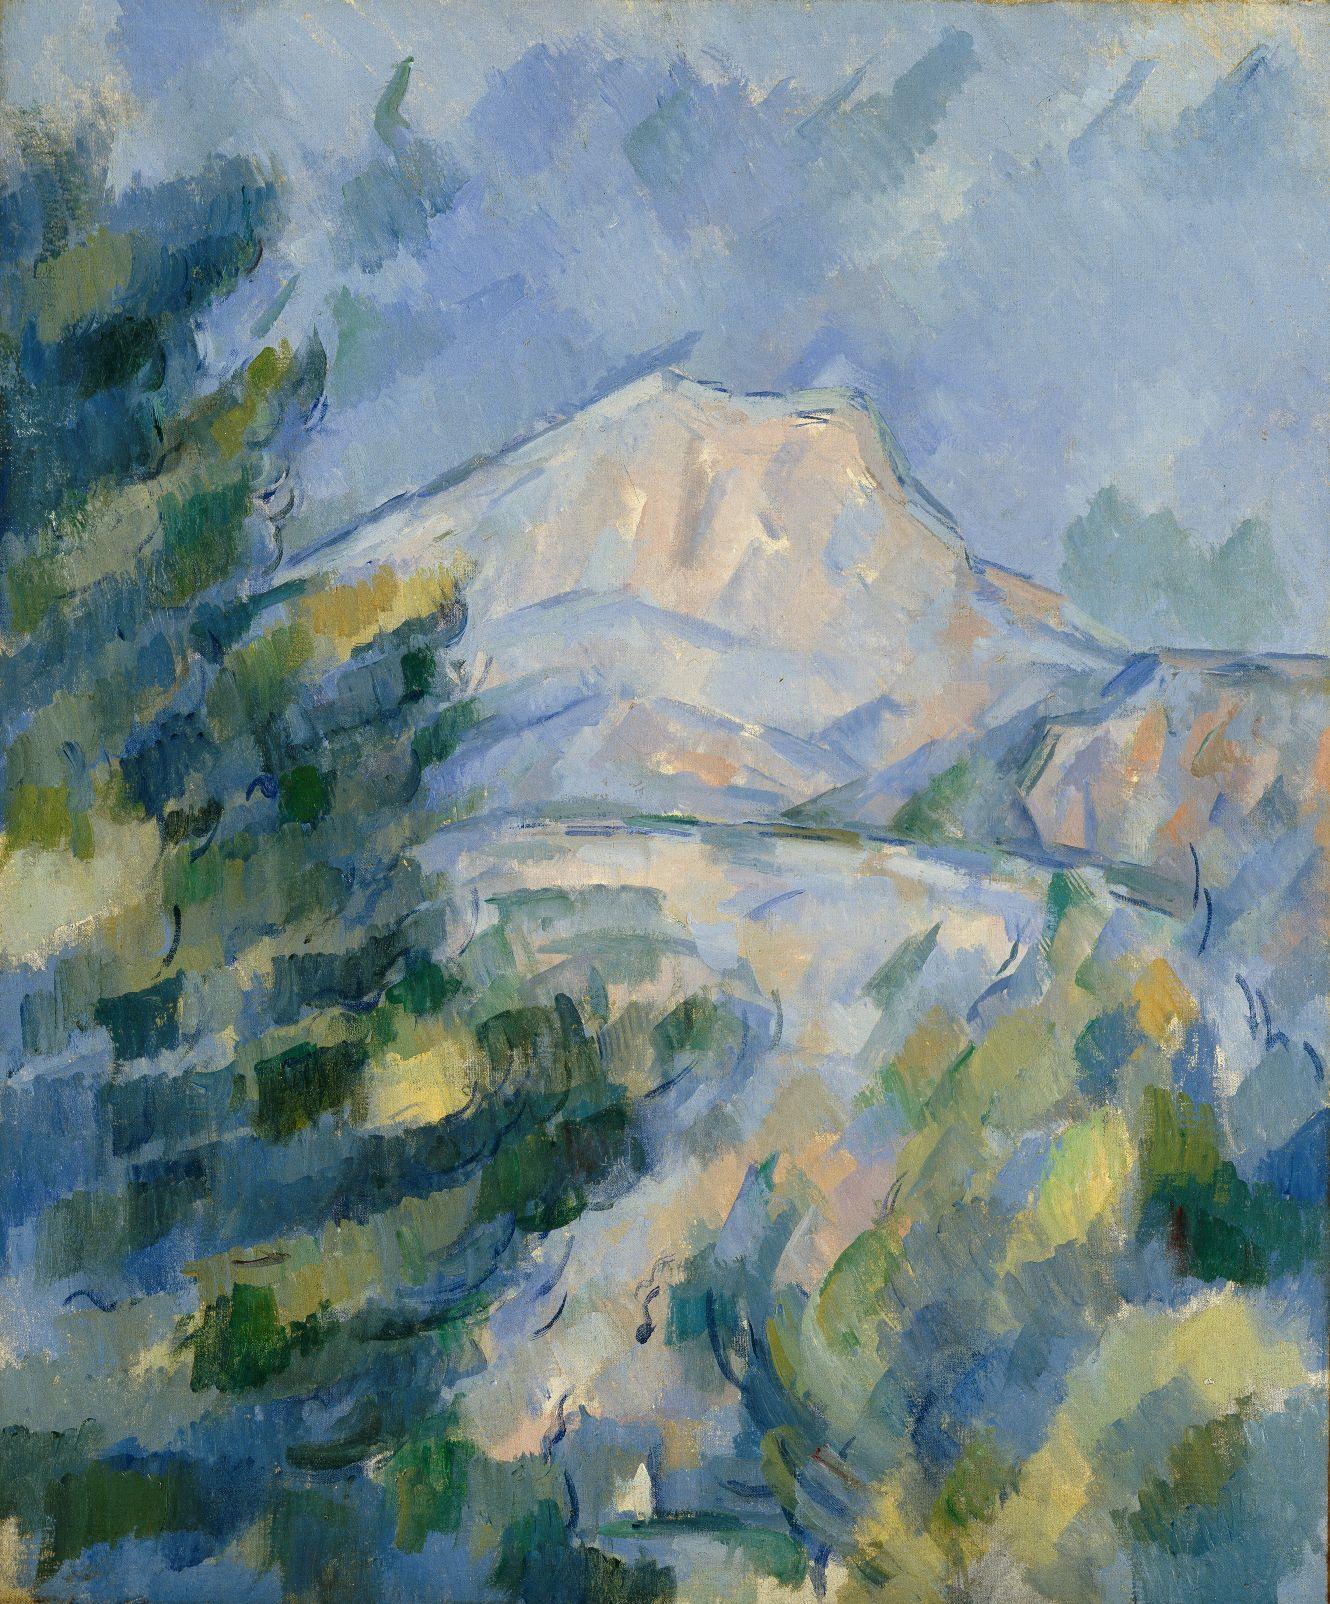 ポール・セザンヌ《サント=ヴィクトワール山》1904 -1906年頃 Bequest of Robert H. Tannahill